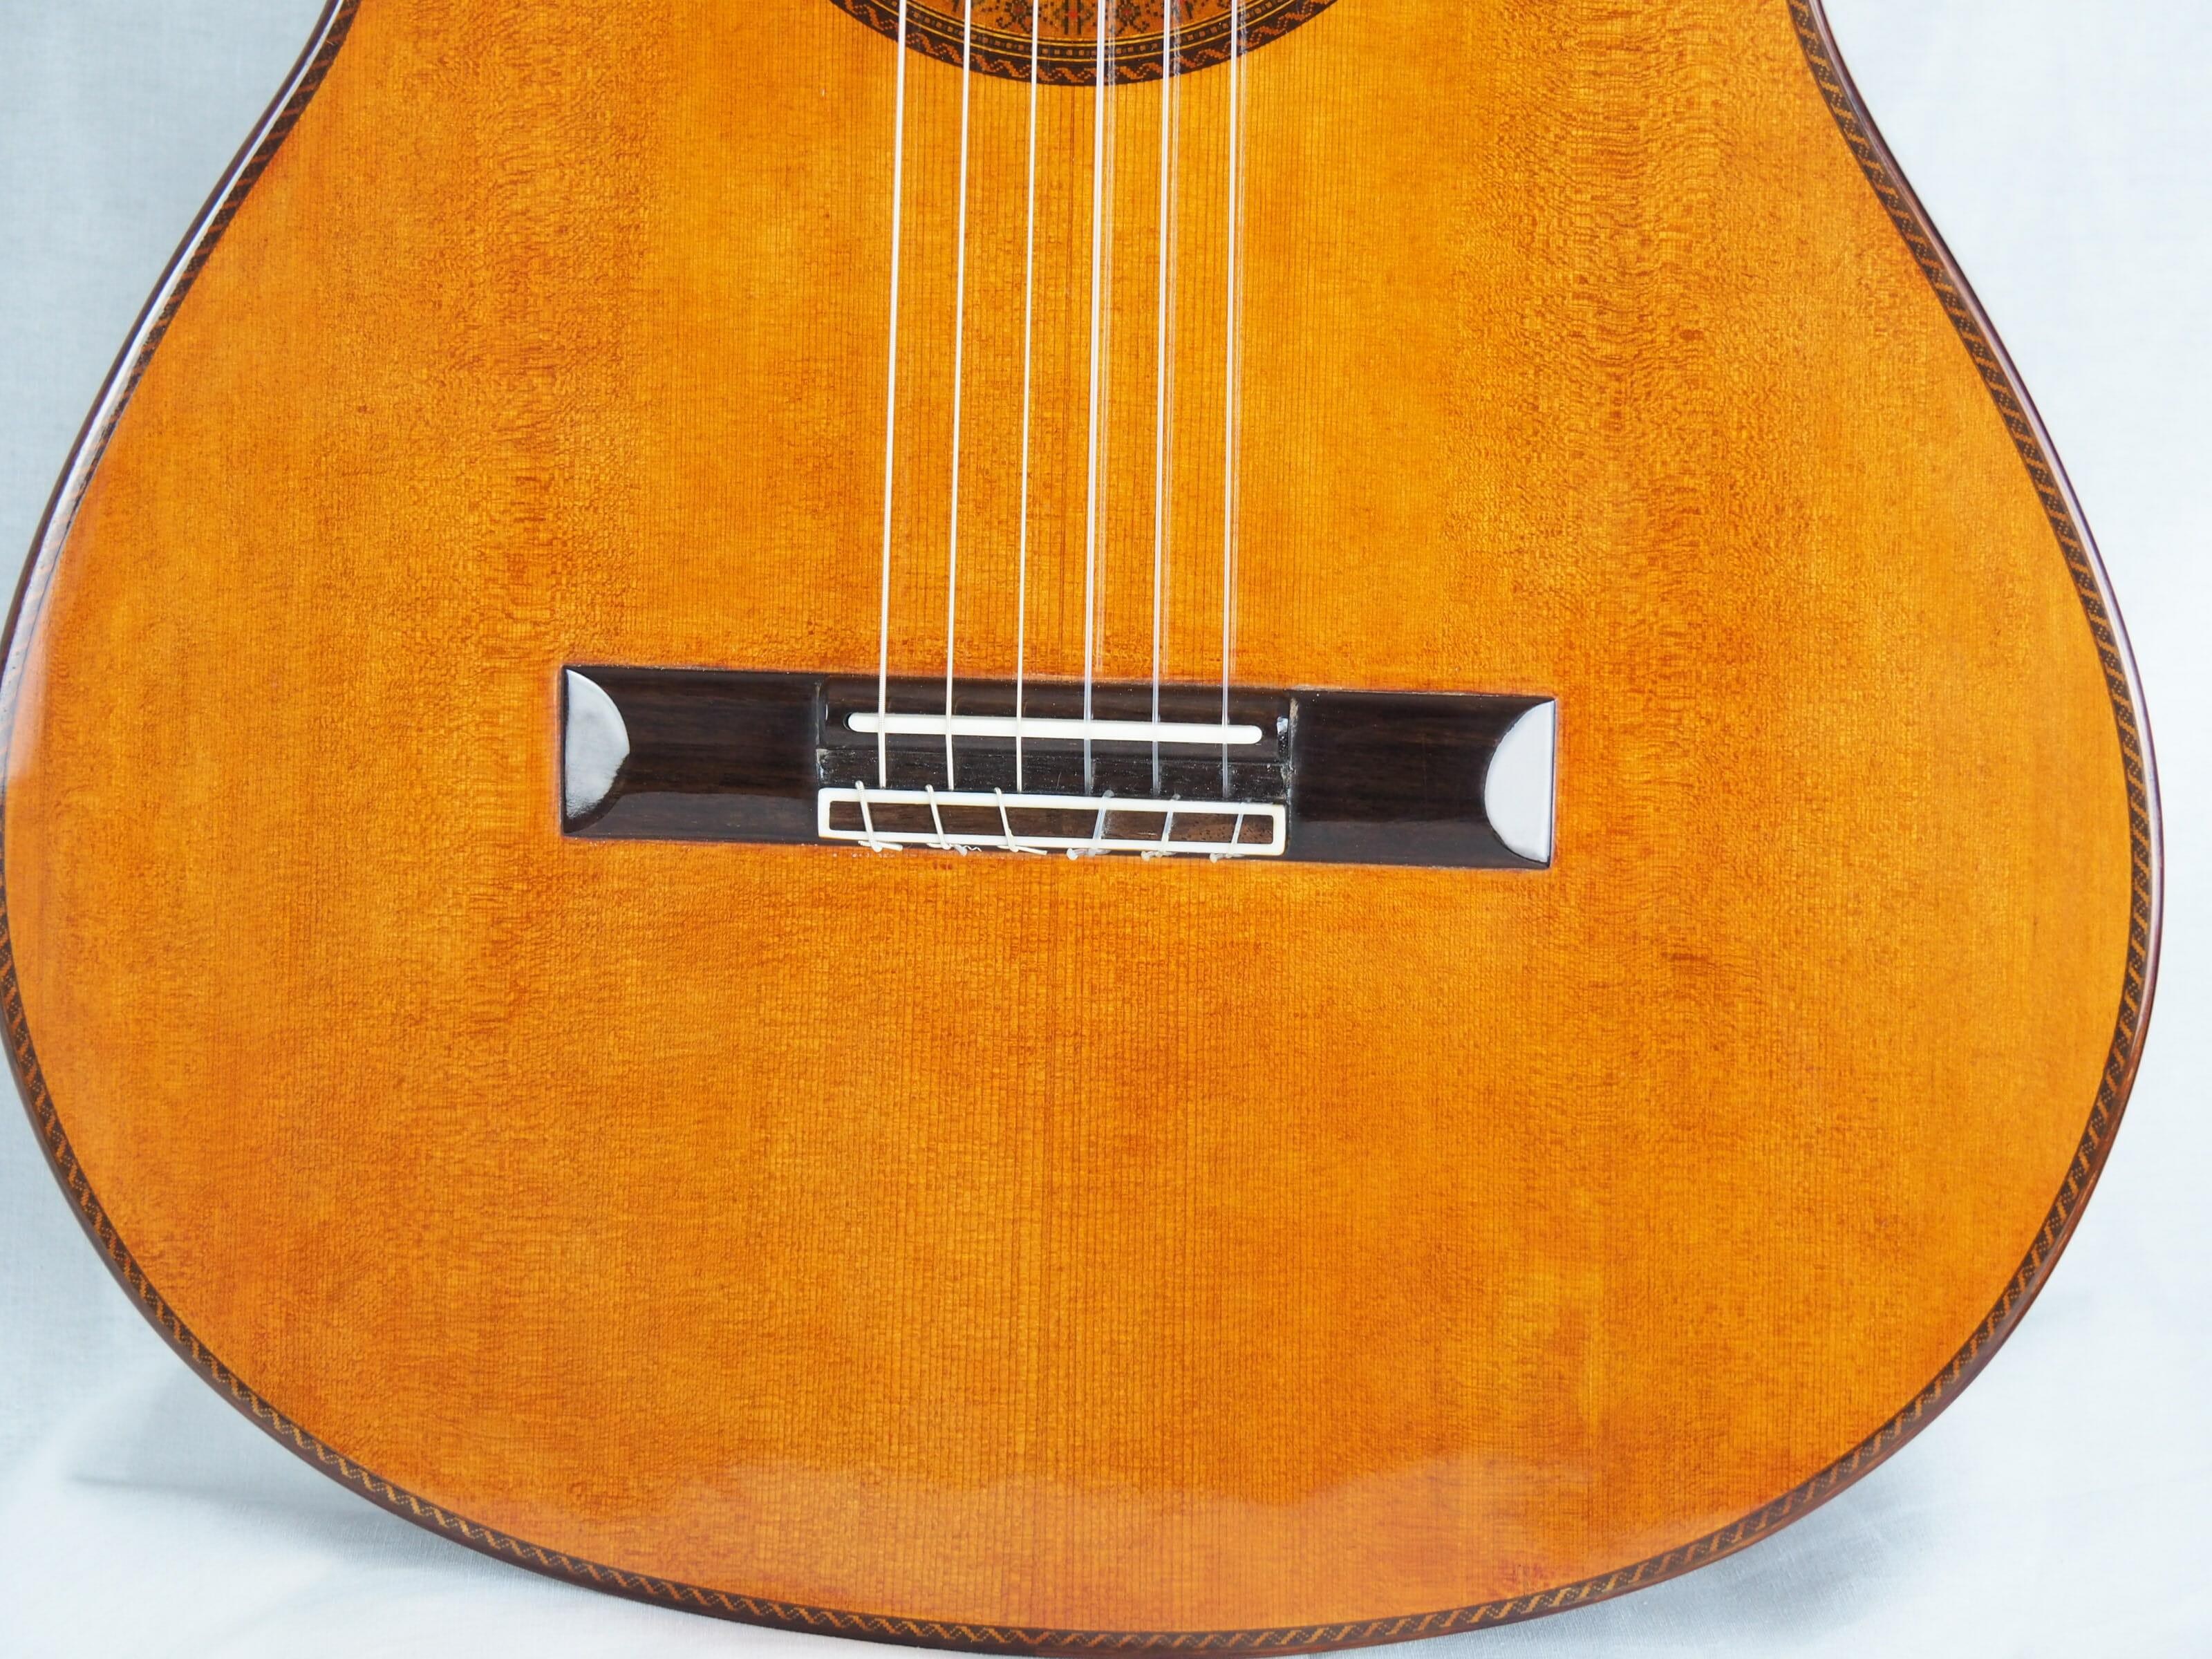 Dieter Hopf Luthier guitare classique Evolucion No 19HP180-10